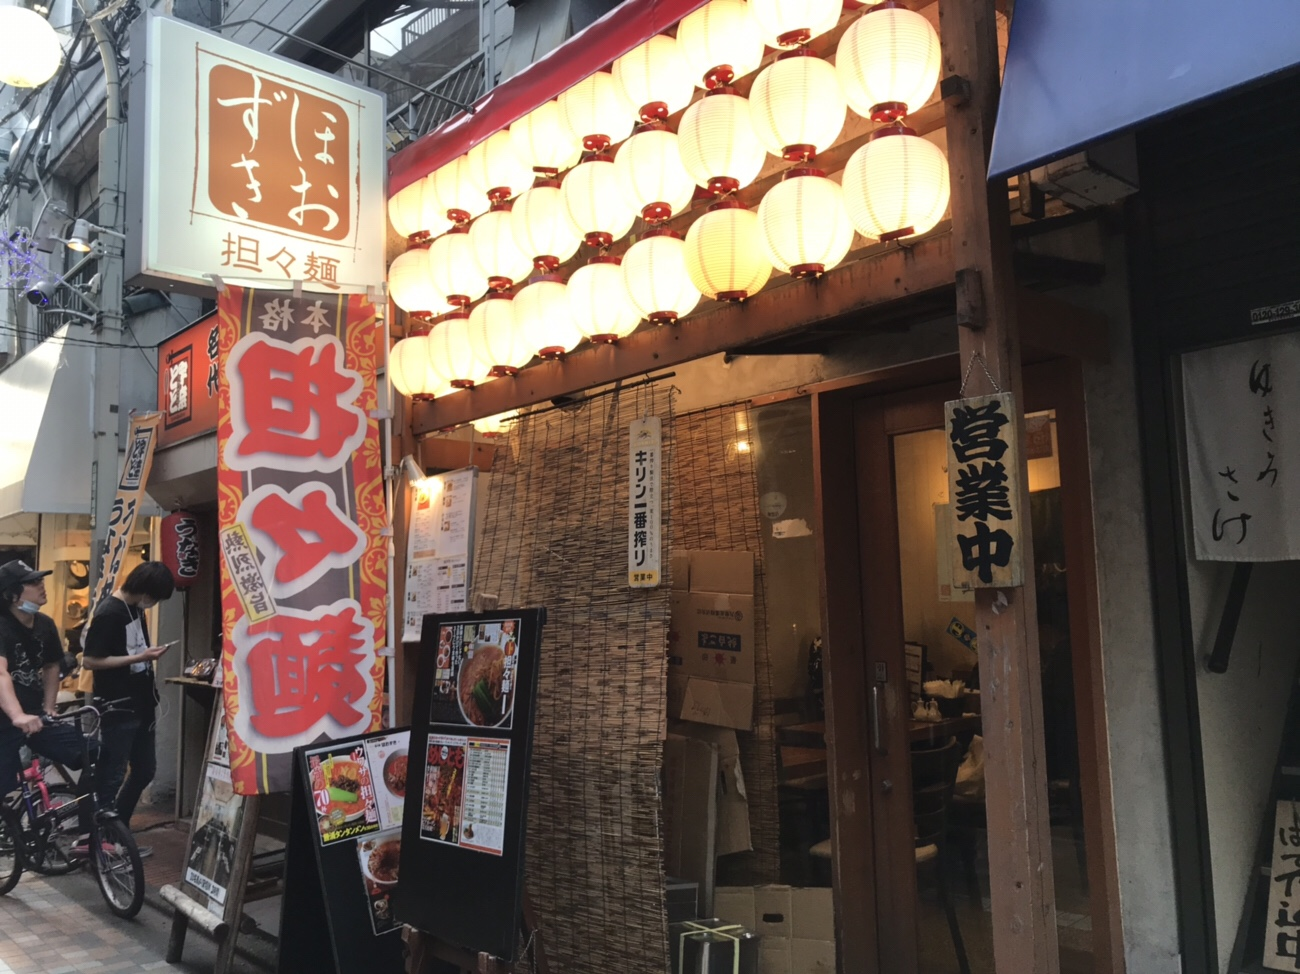 中野駅北口 担々麺の人気店ほおずき